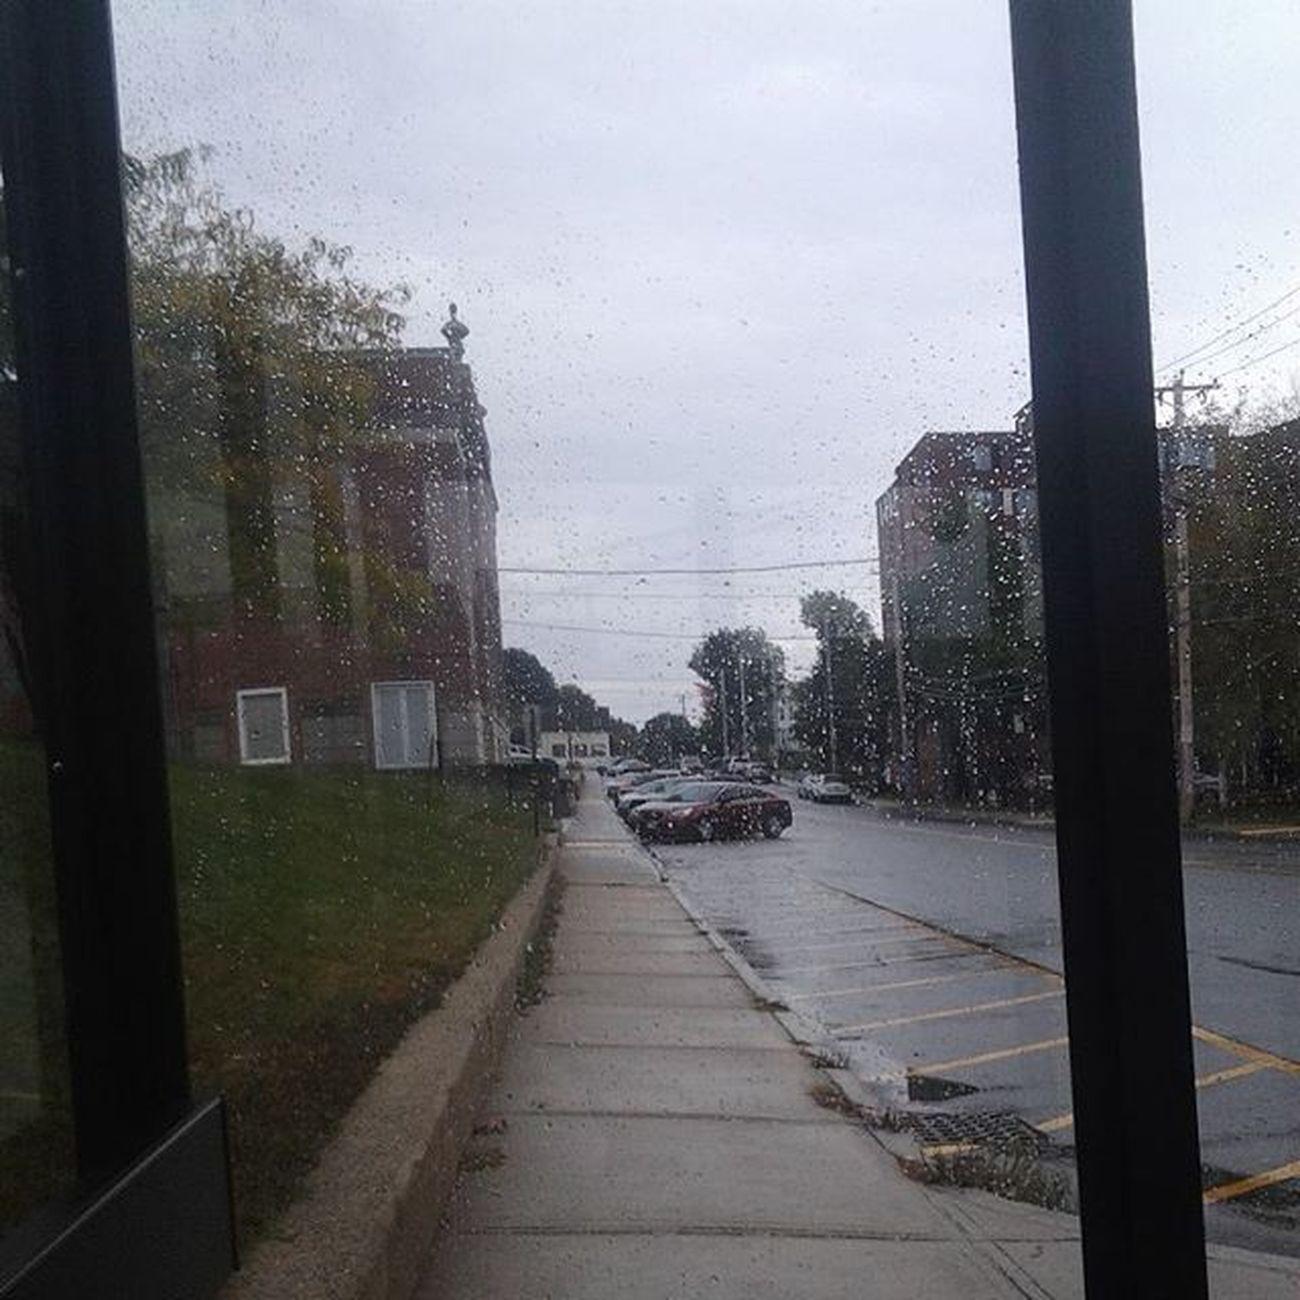 Rainy Day Gardner Massachusetts Picsforautism